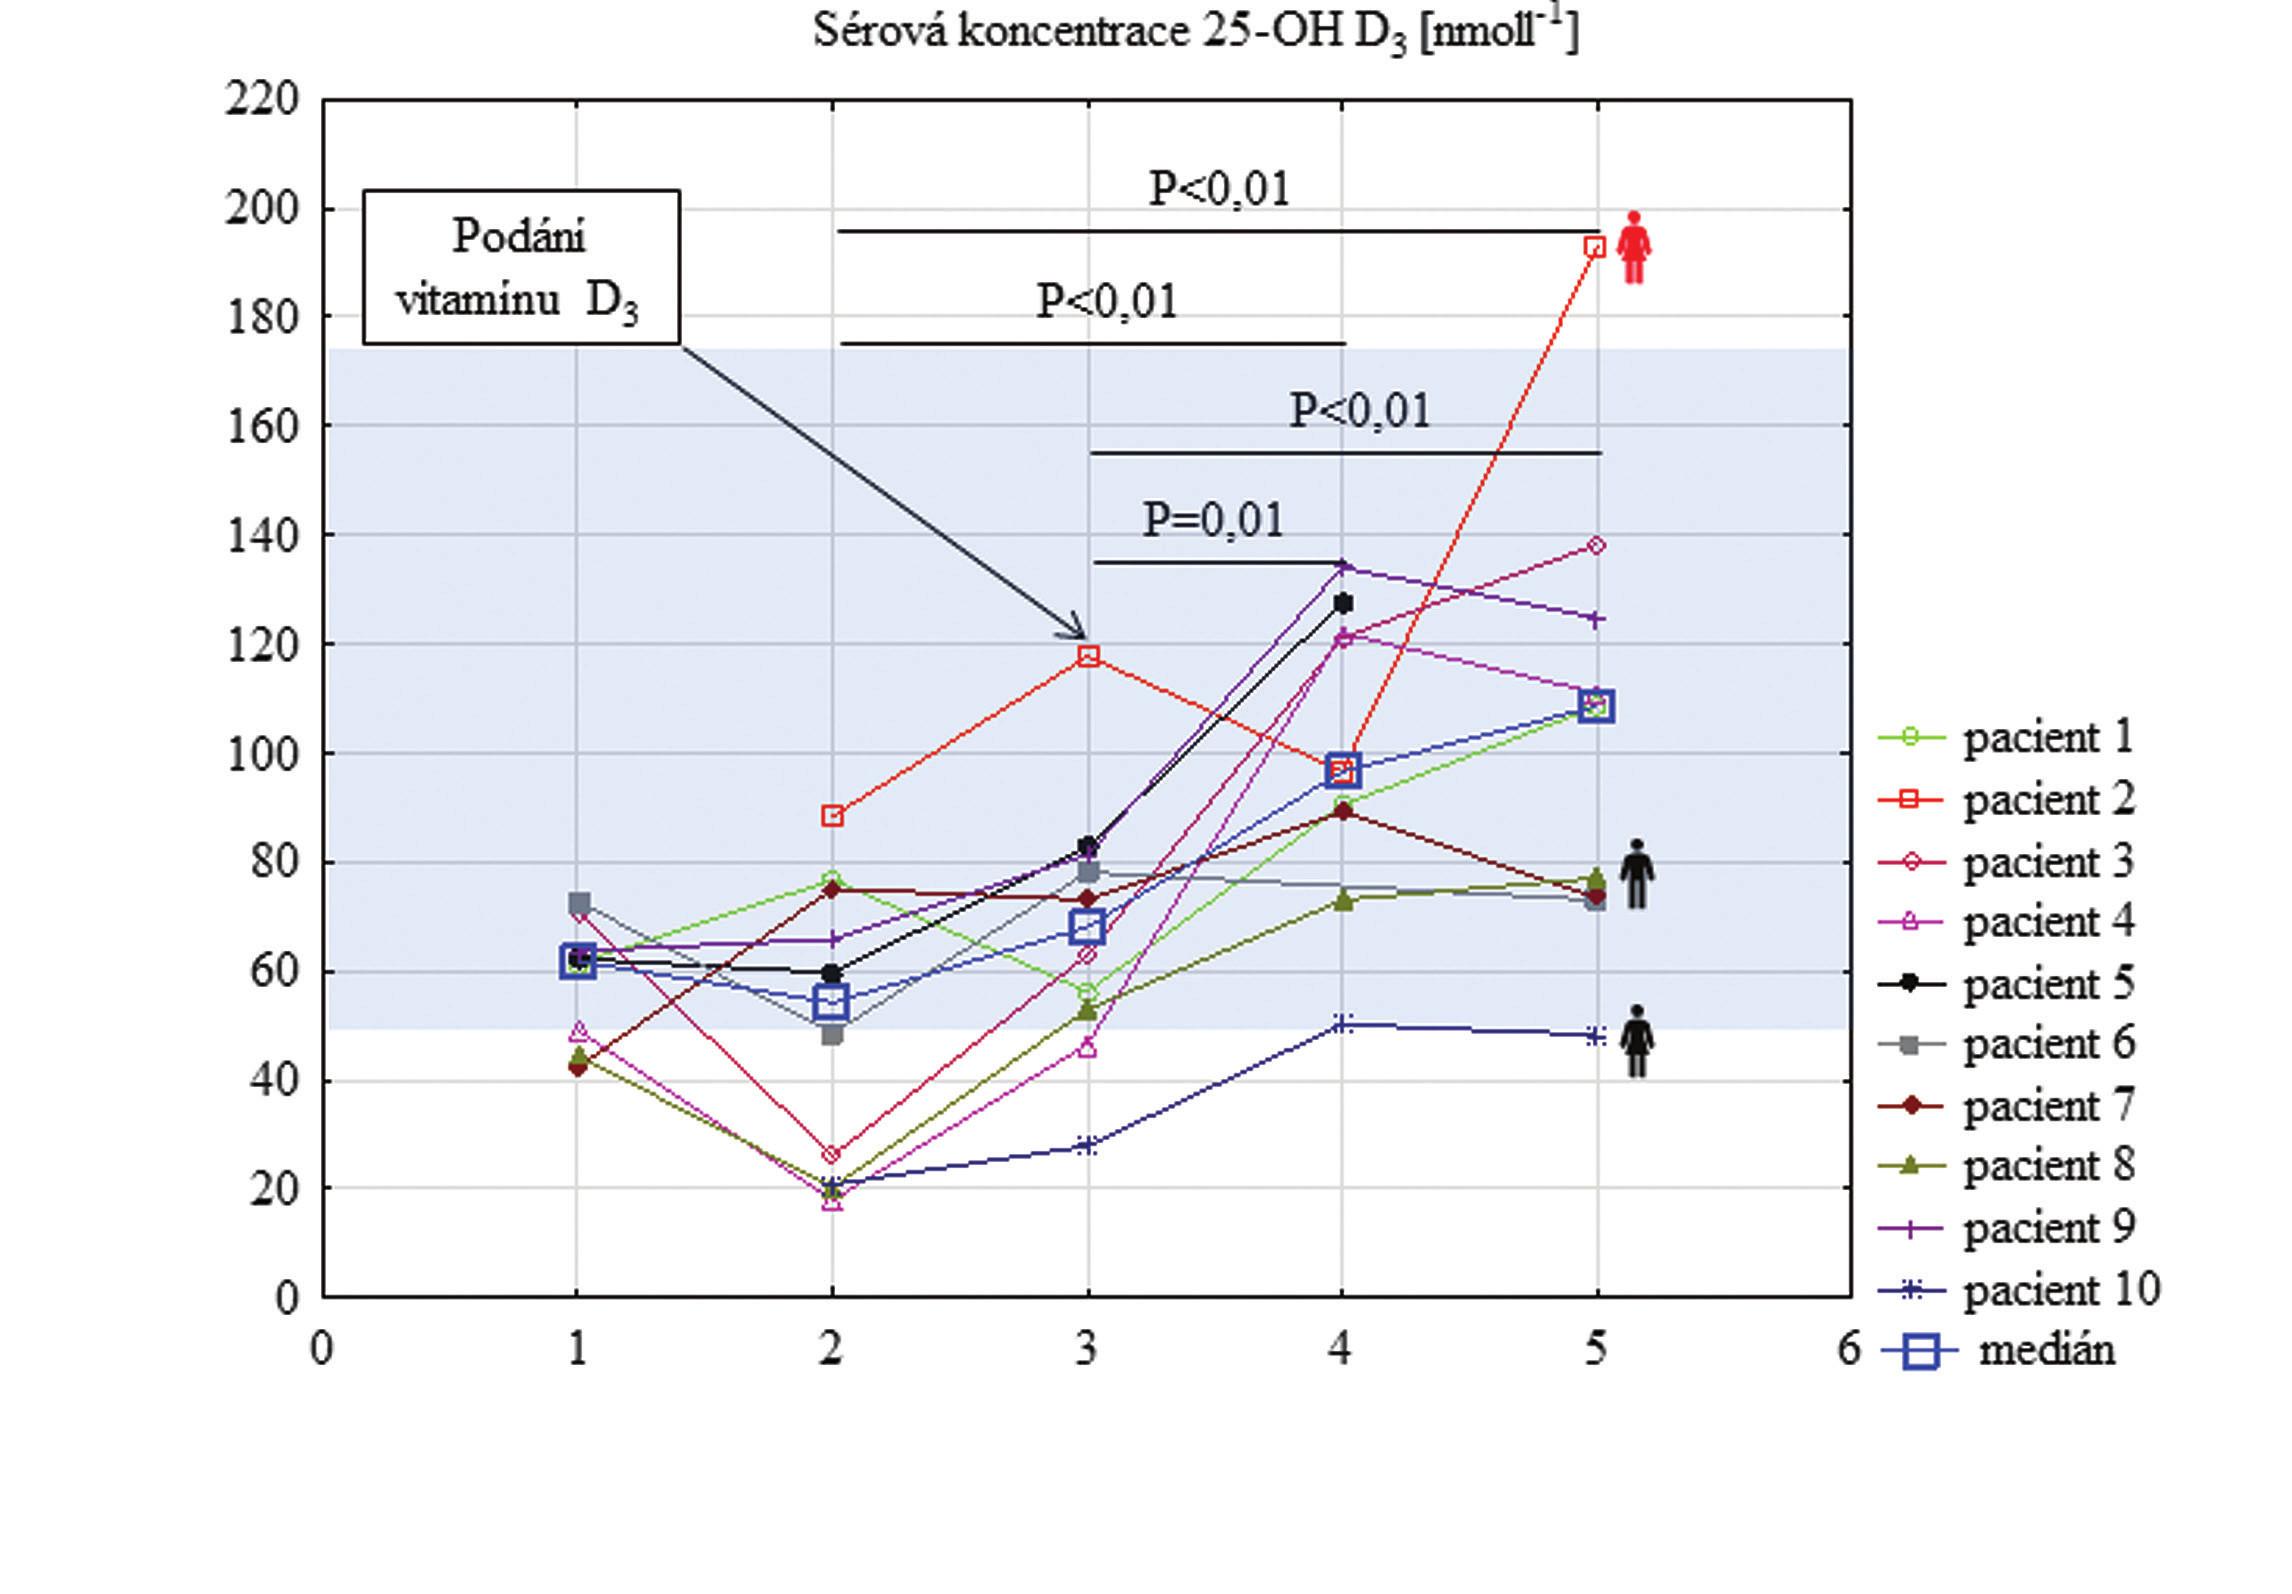 Sérové koncentrace 25-OH D3 u pacientů s RAS před terapií, v jejím průběhu a při ukončení terapie<br> Grapf 1 25-OH D3 serum levels in patients suffered by RAS before, during and after the therapy